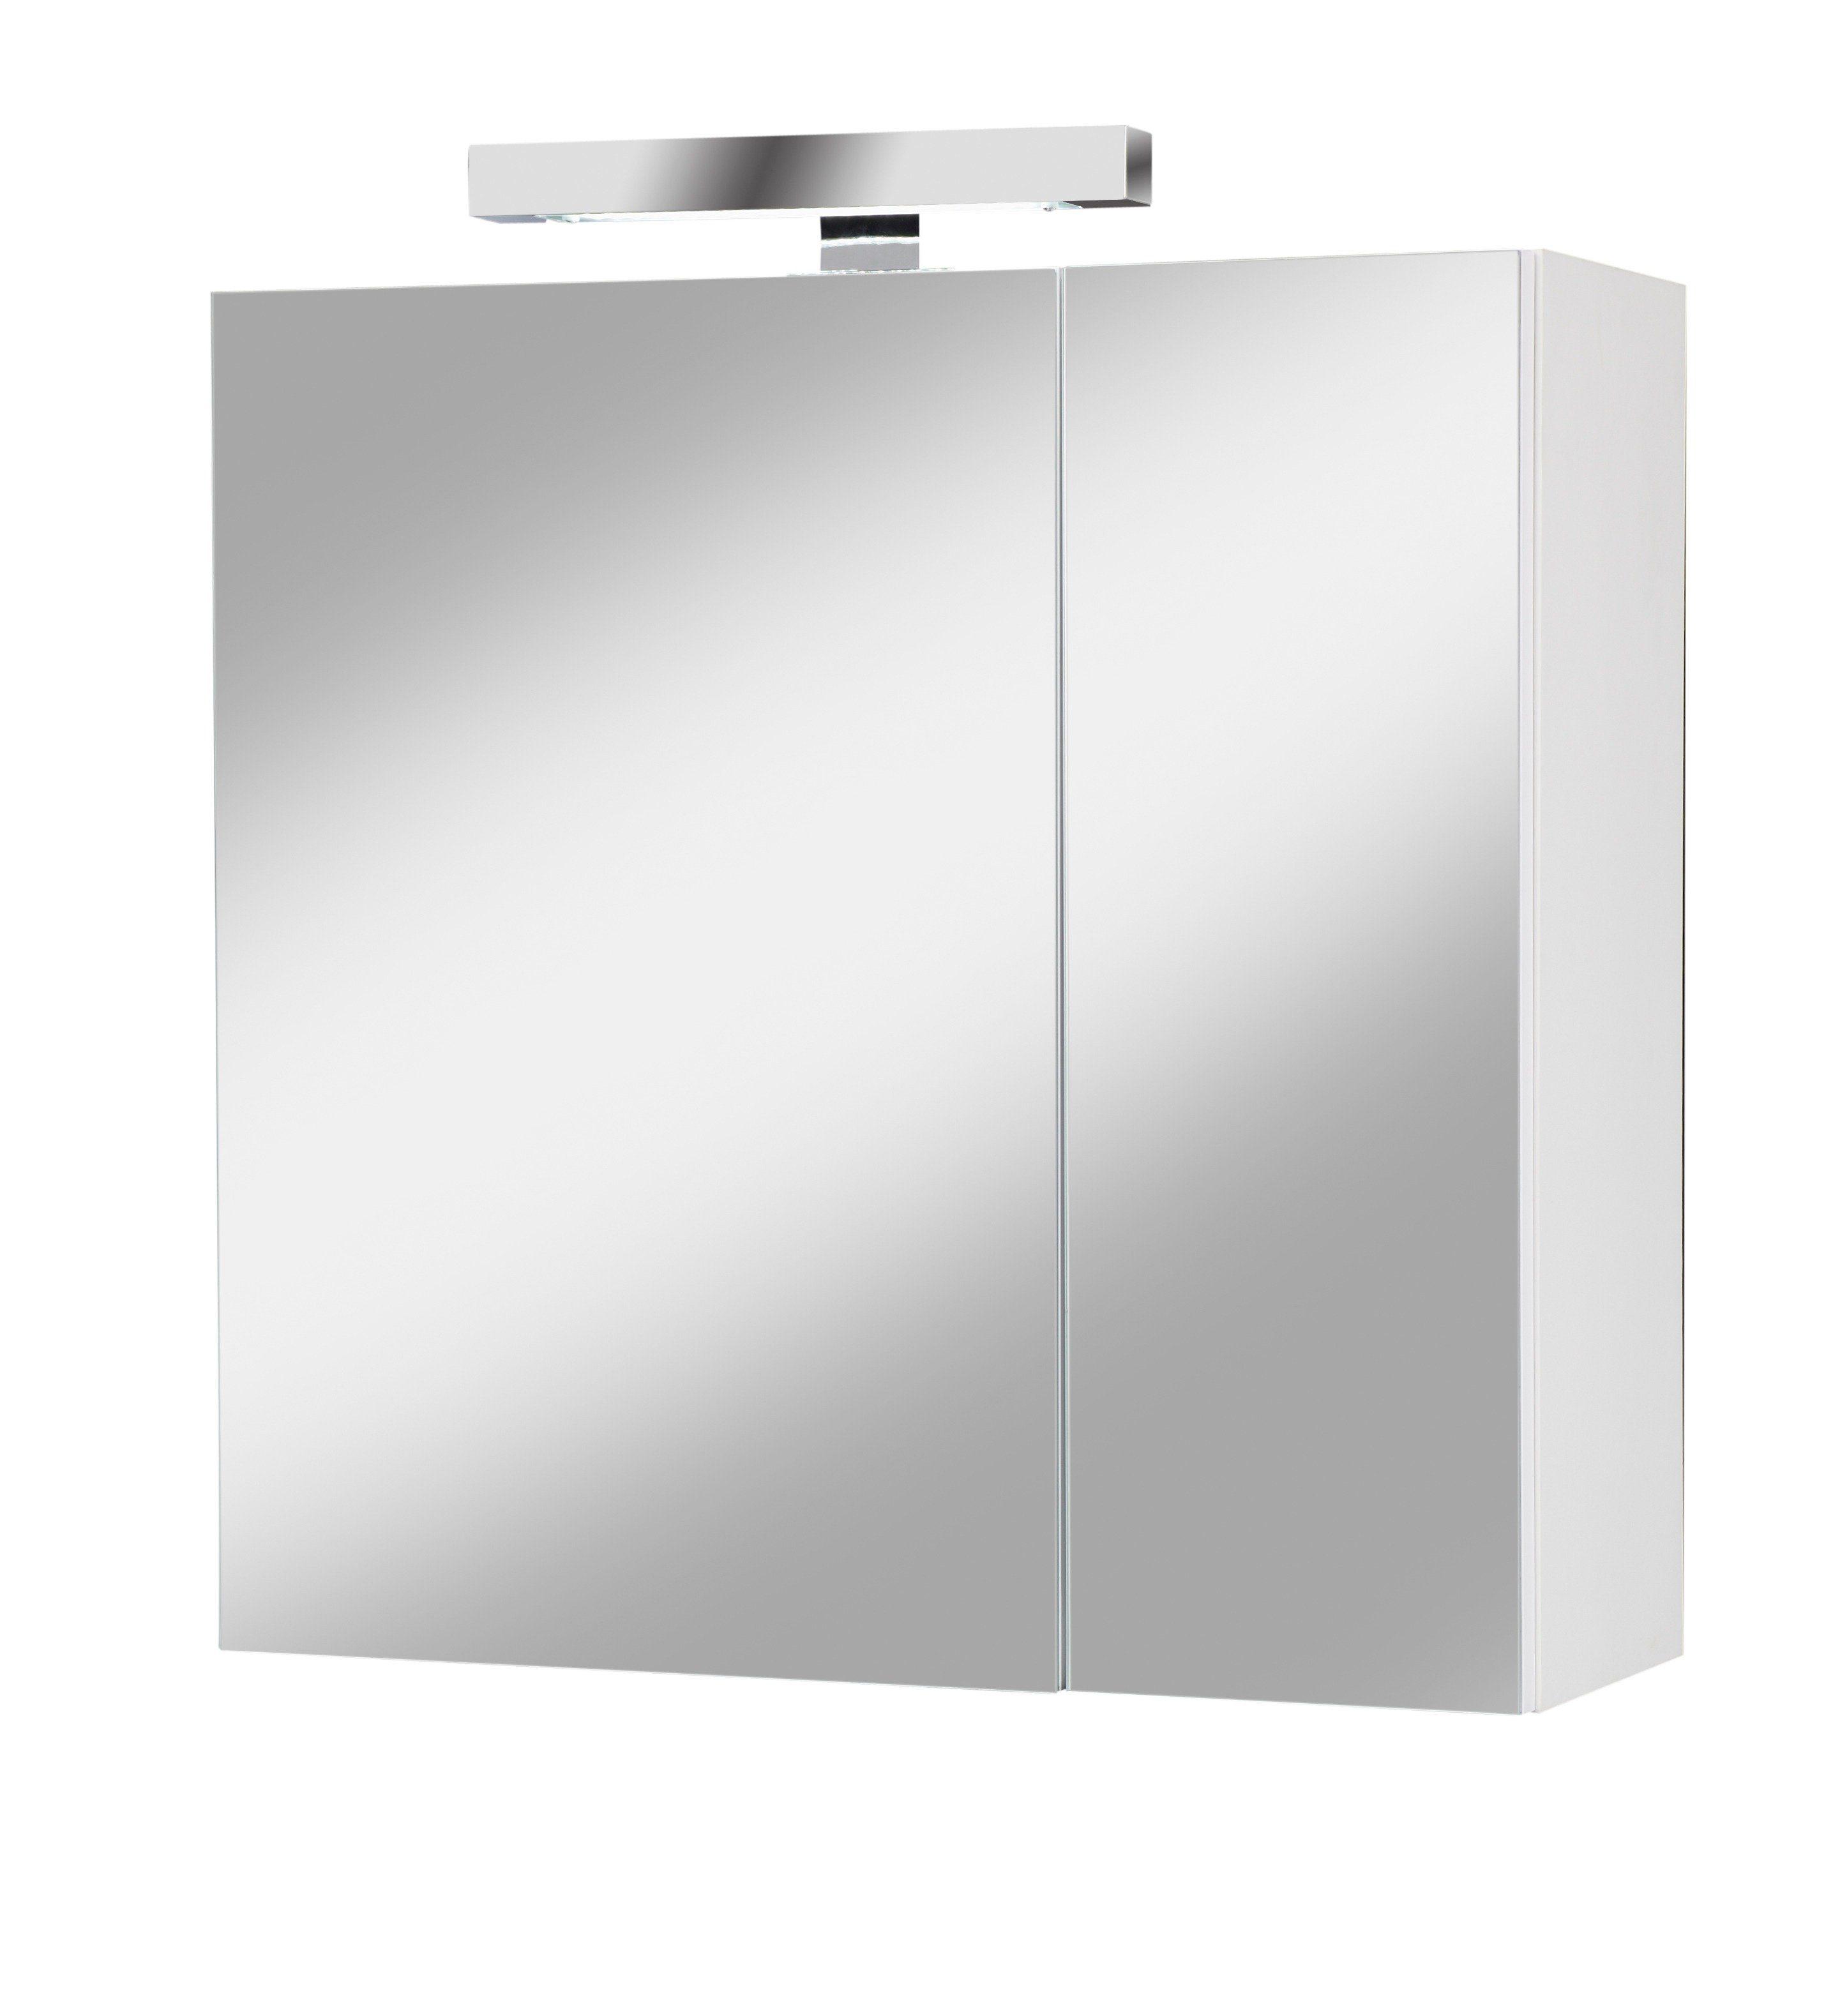 Spiegelschrank »Prag« Breite 61 cm, mit Beleuchtung